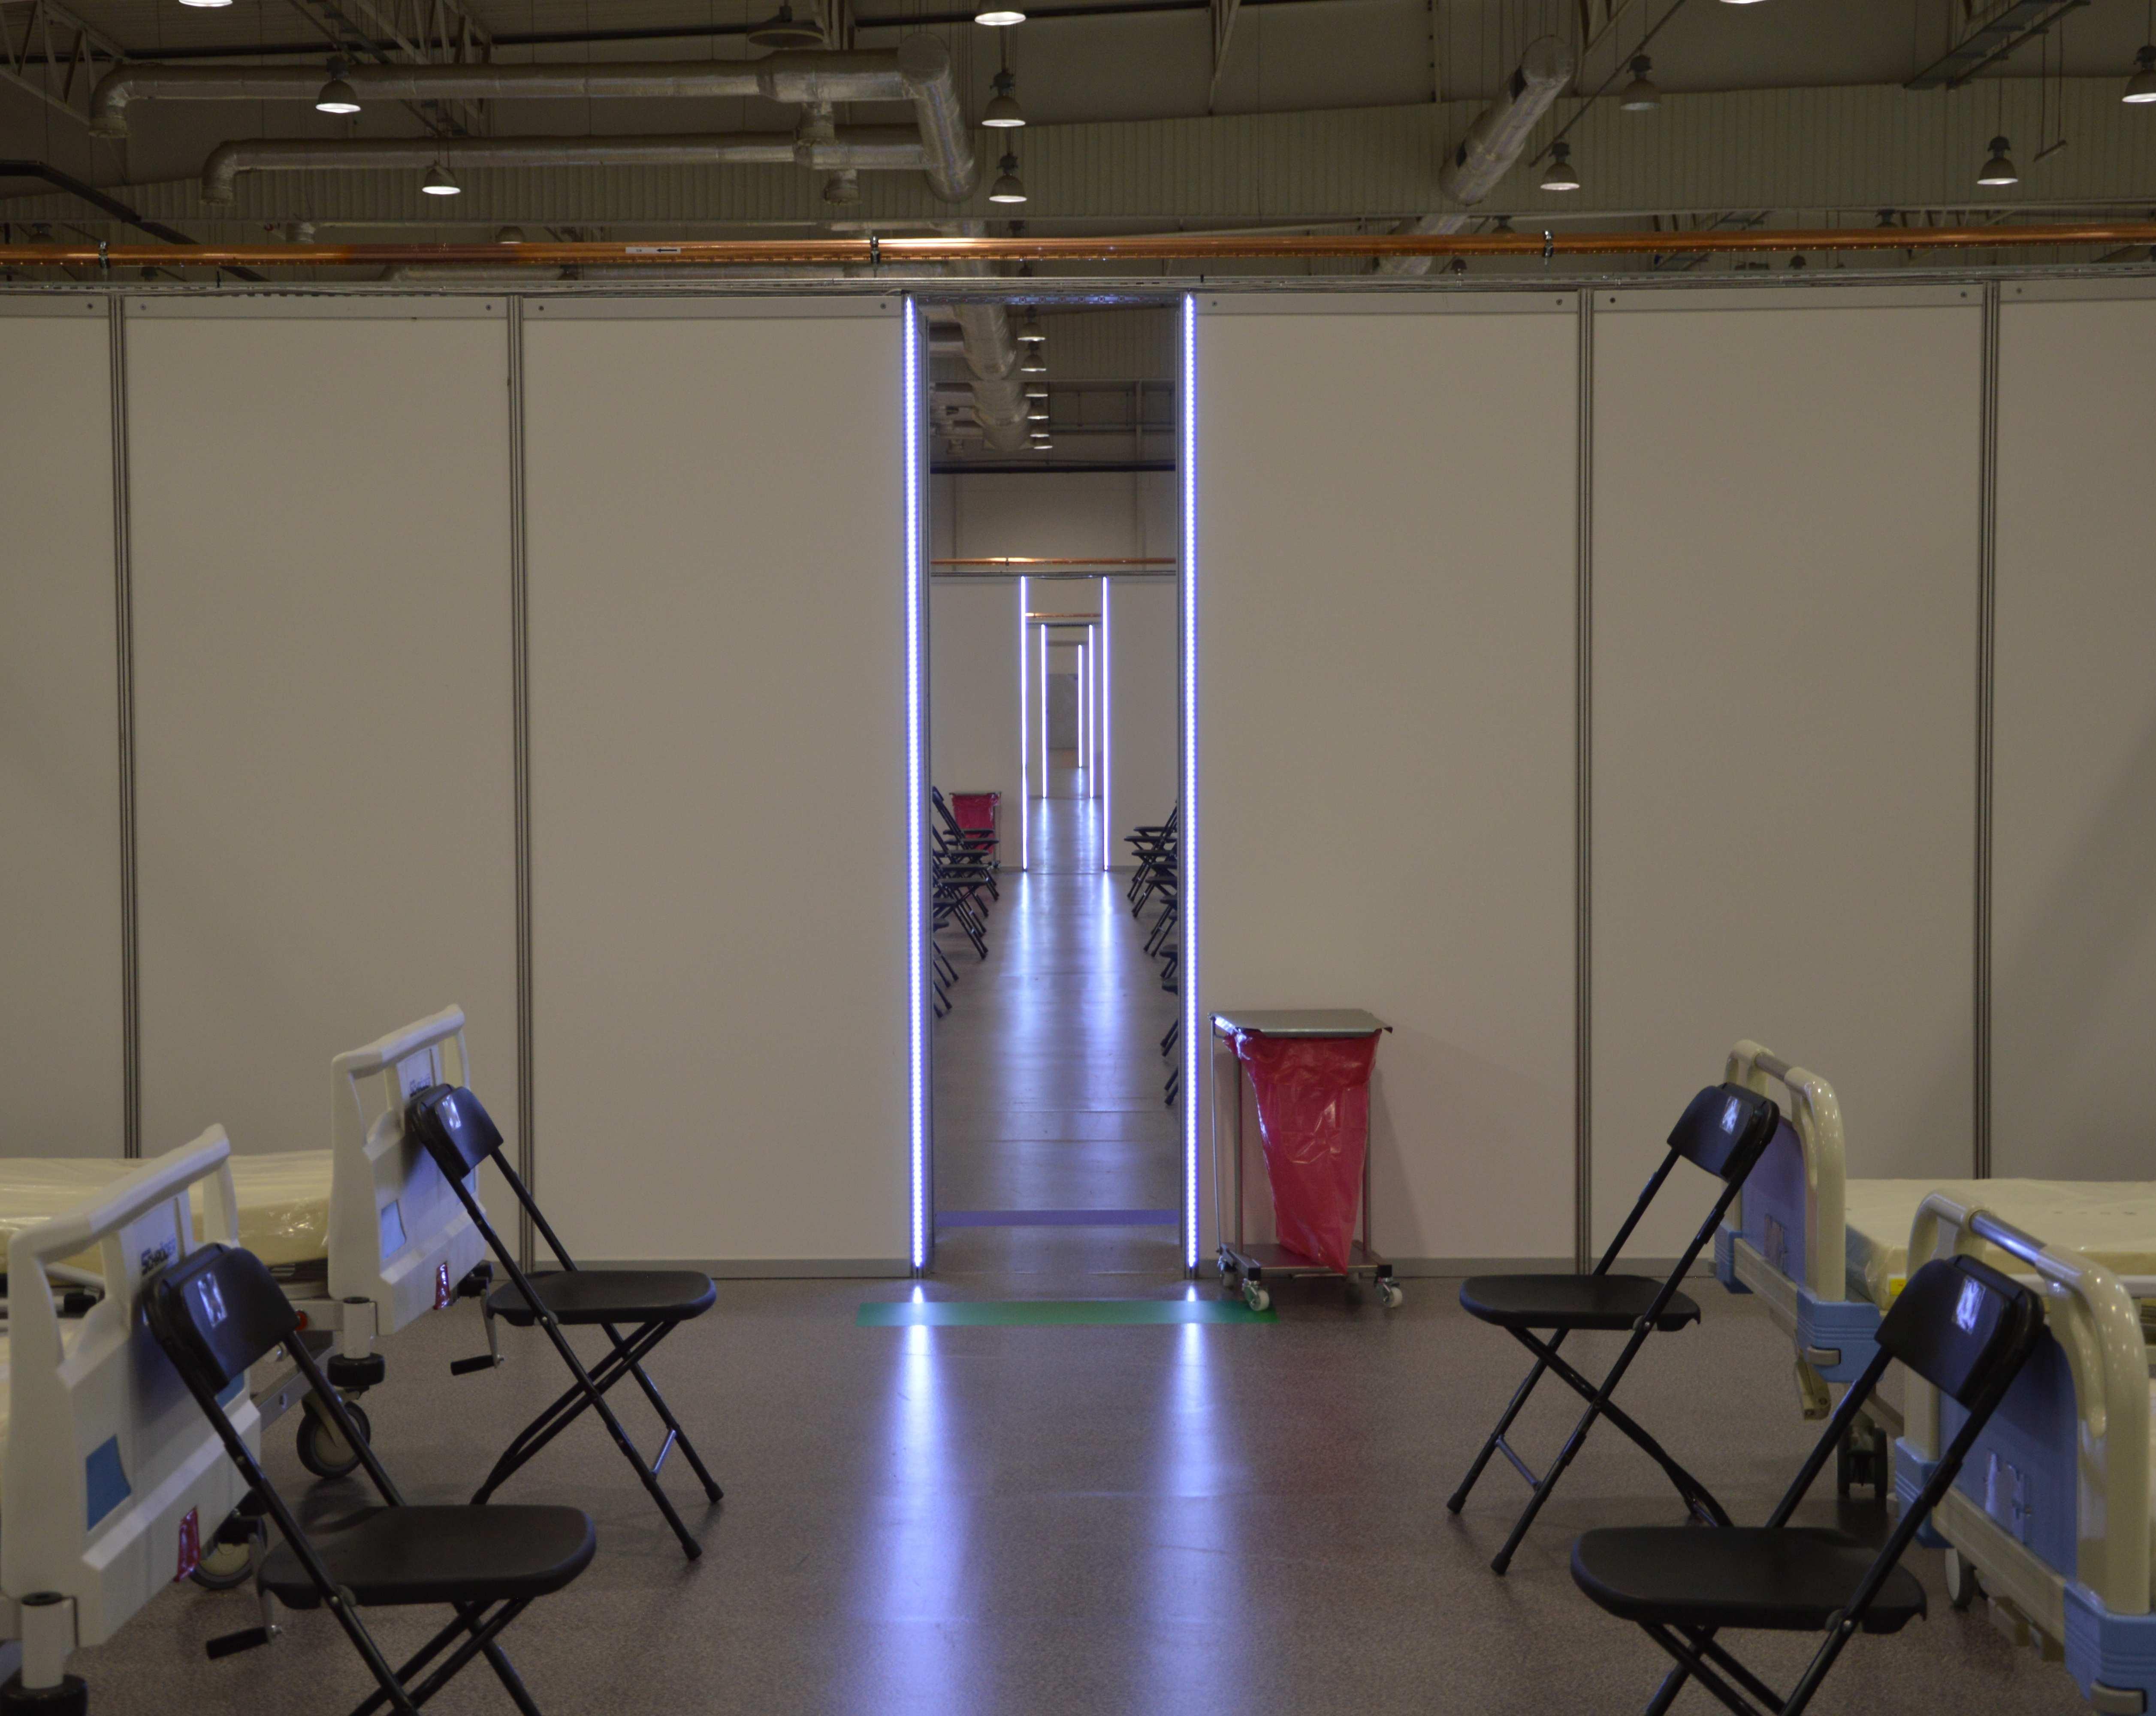 Koronawirus: tylko dwa wolne łóżka w szpitalu tymczasowym. Spodziewany duży wzrost liczby nowych zakażeń w woj. lubelskim - Zdjęcie główne